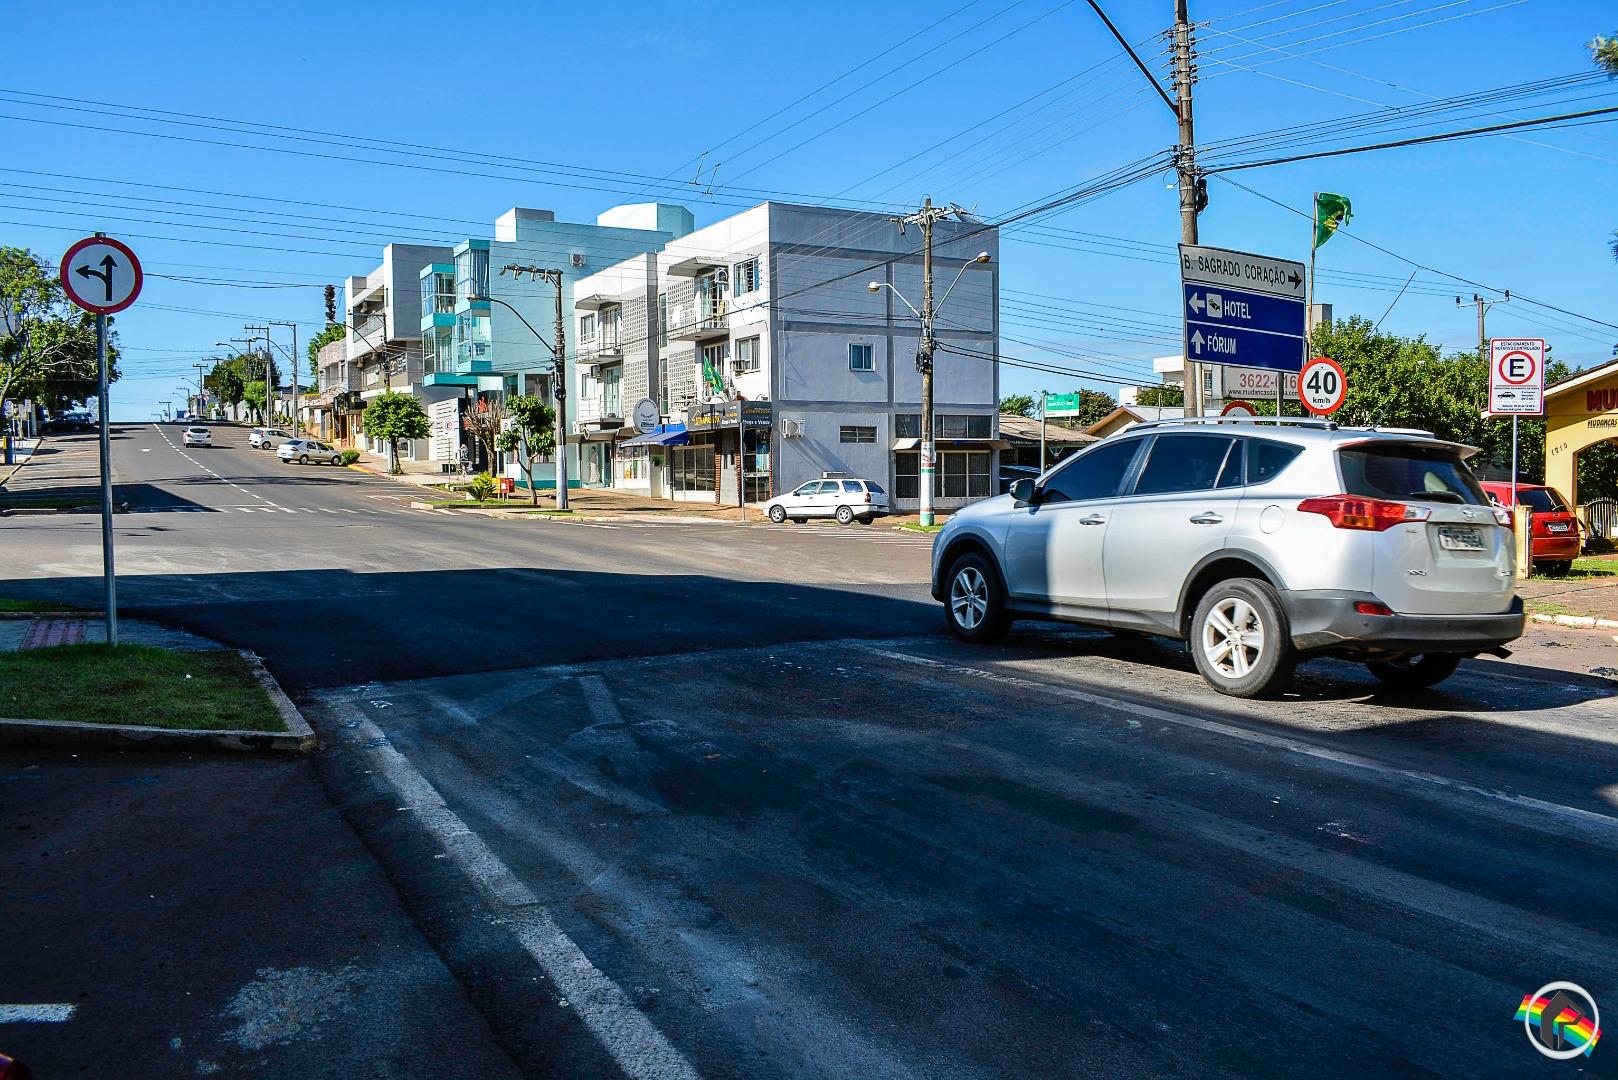 Demutran instala faixas de elevação em ruas de mão única